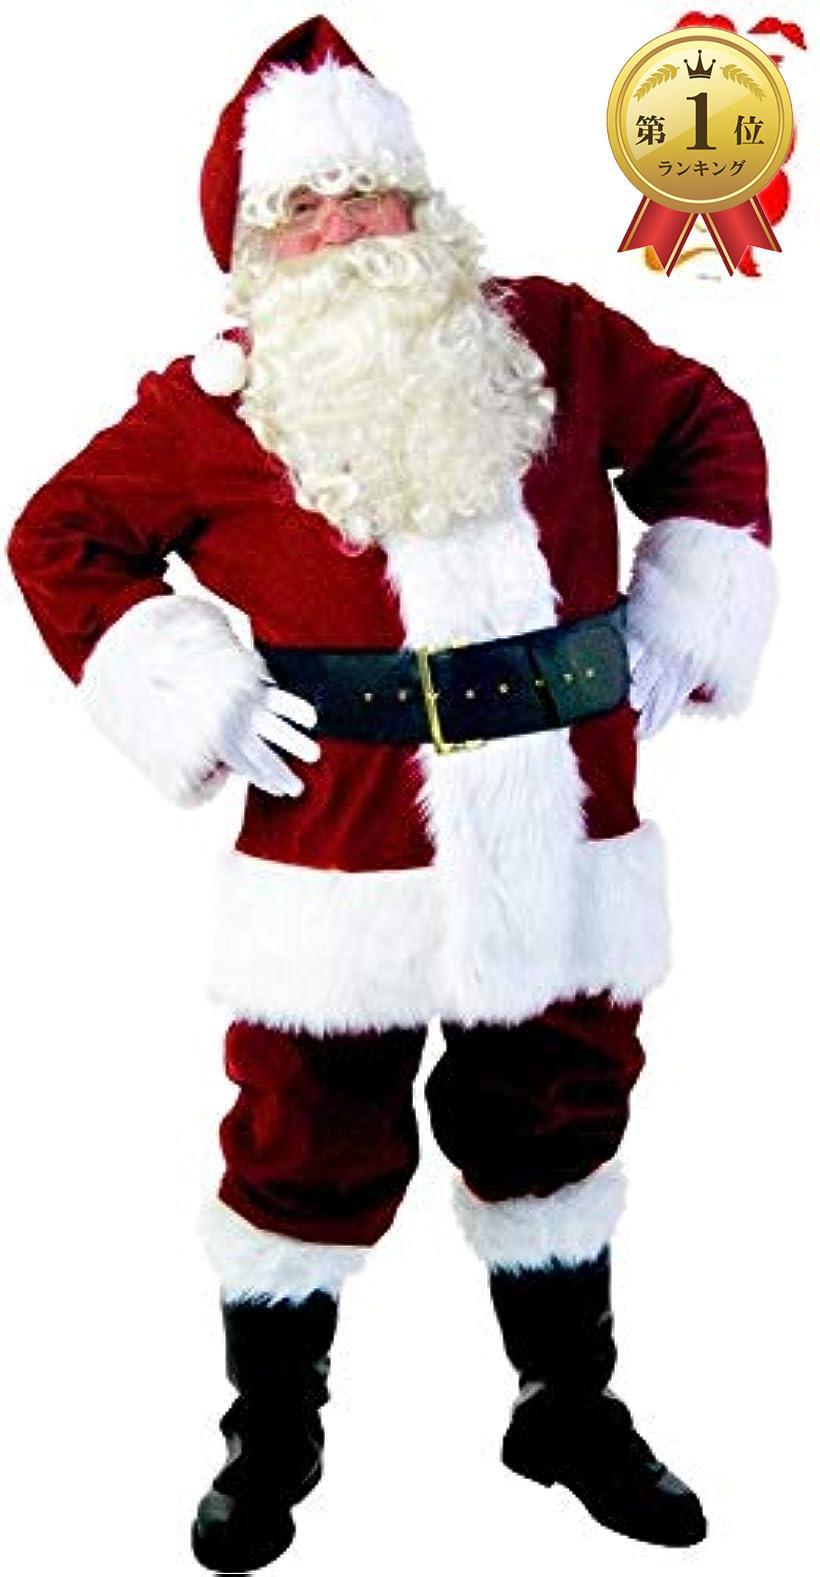 豪華本格11点セット サンタ コスプレ メンズ サンタクロース コスチューム クリスマス ボディシール付き S711(Mサイズ)